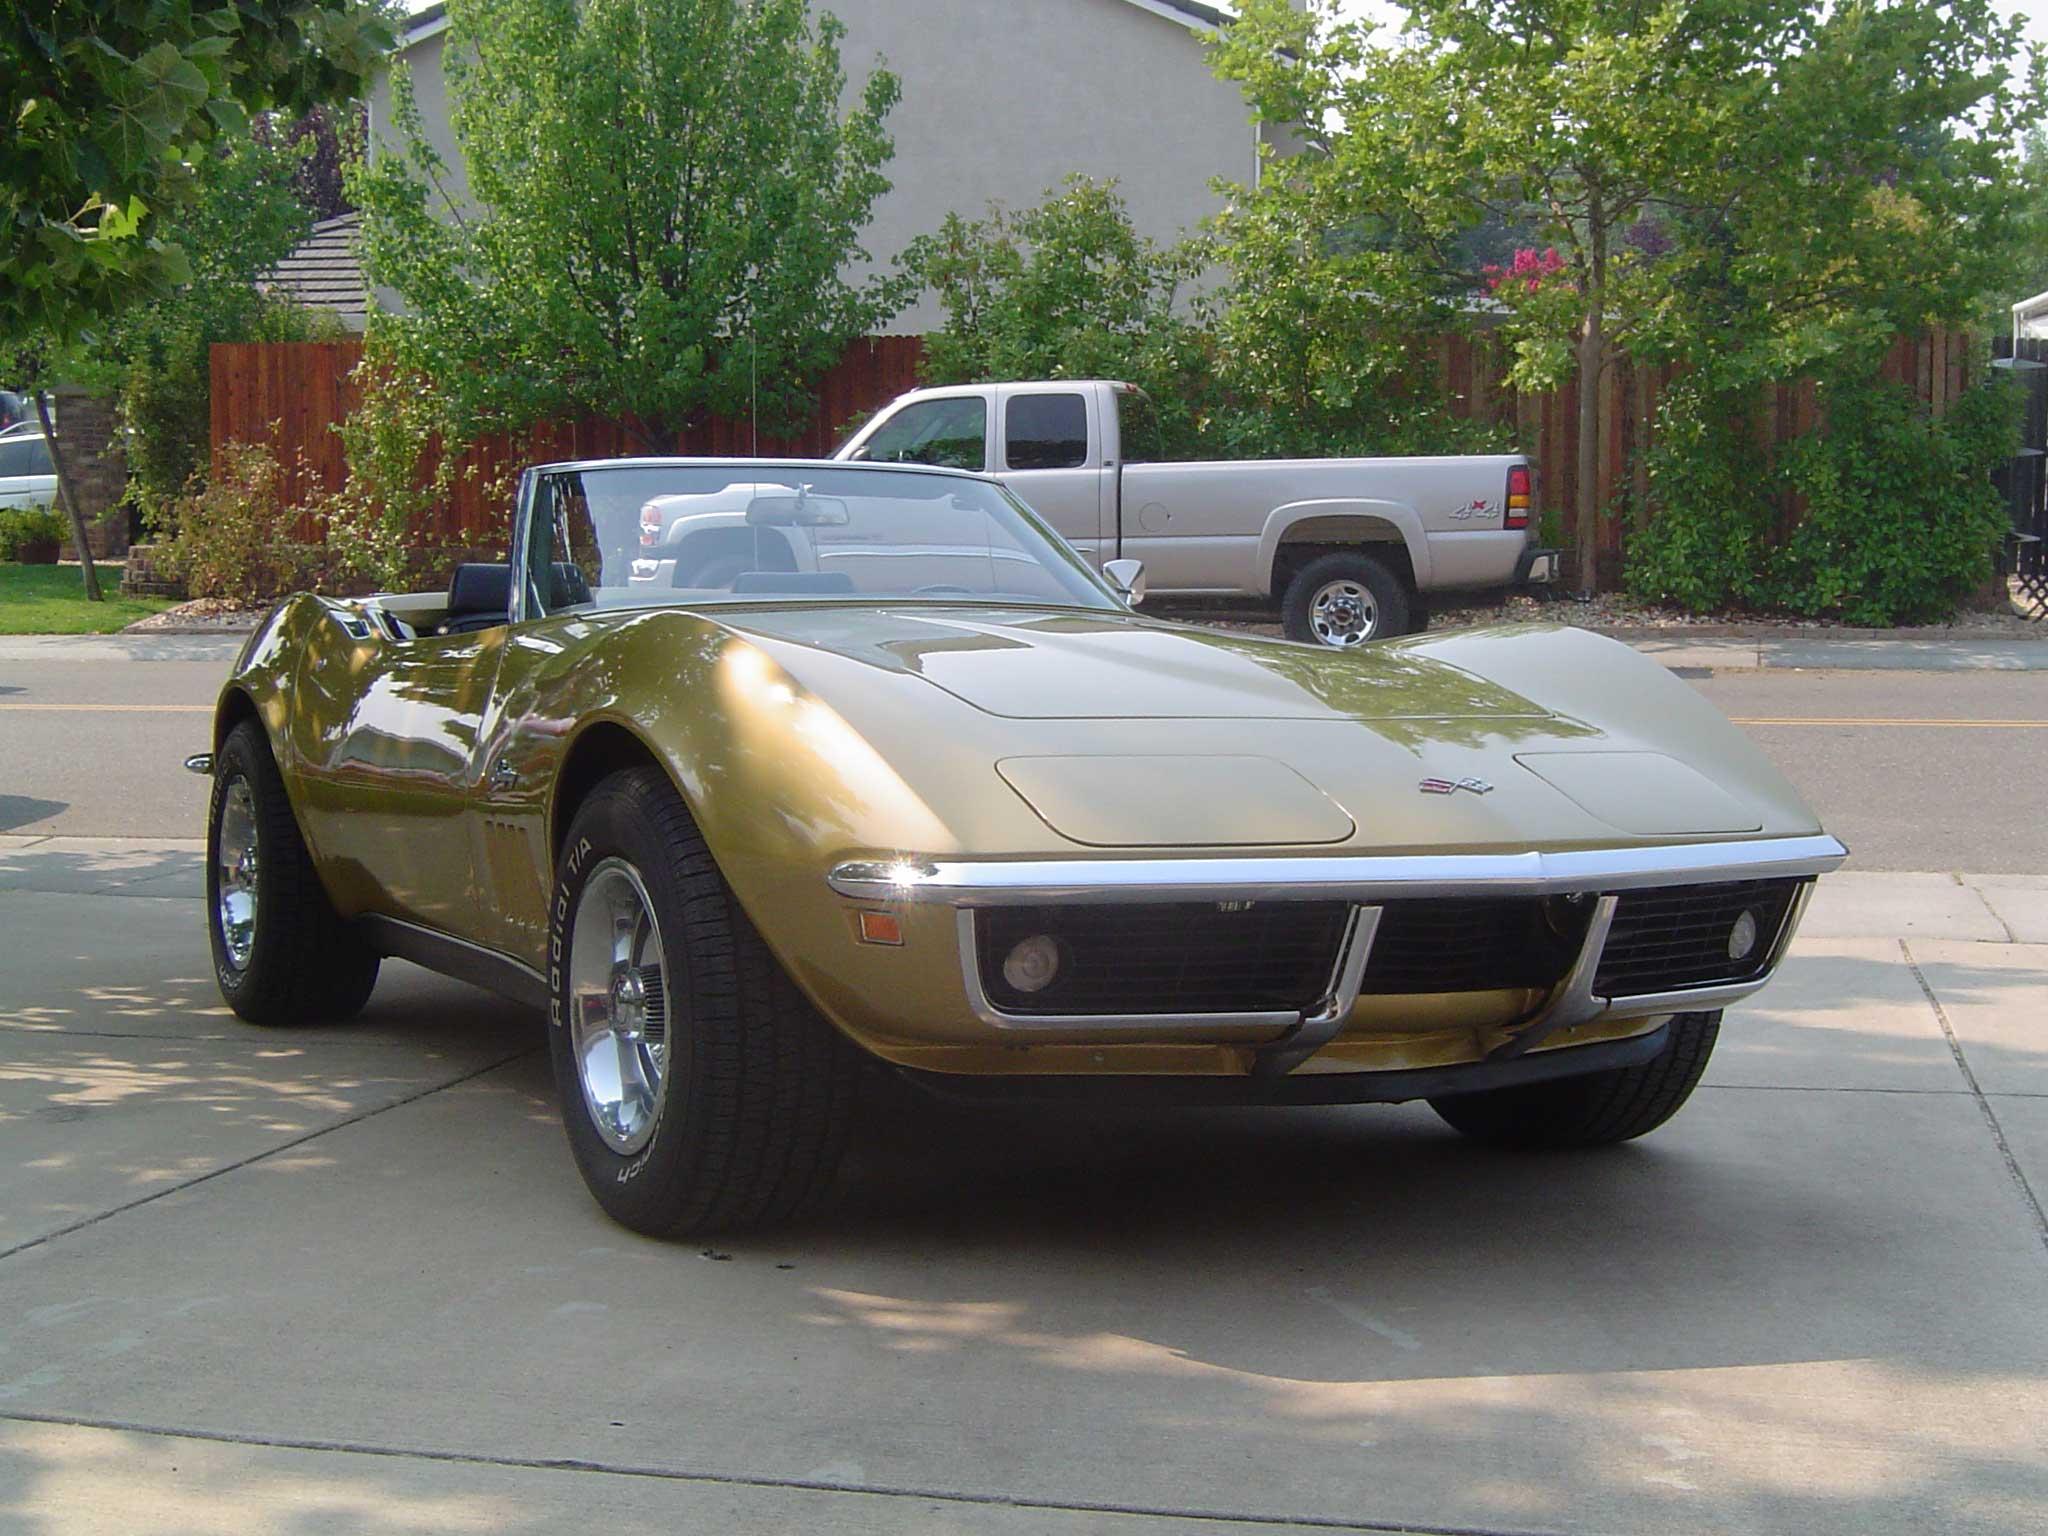 Pete Ruff's Classic 1969 Corvette